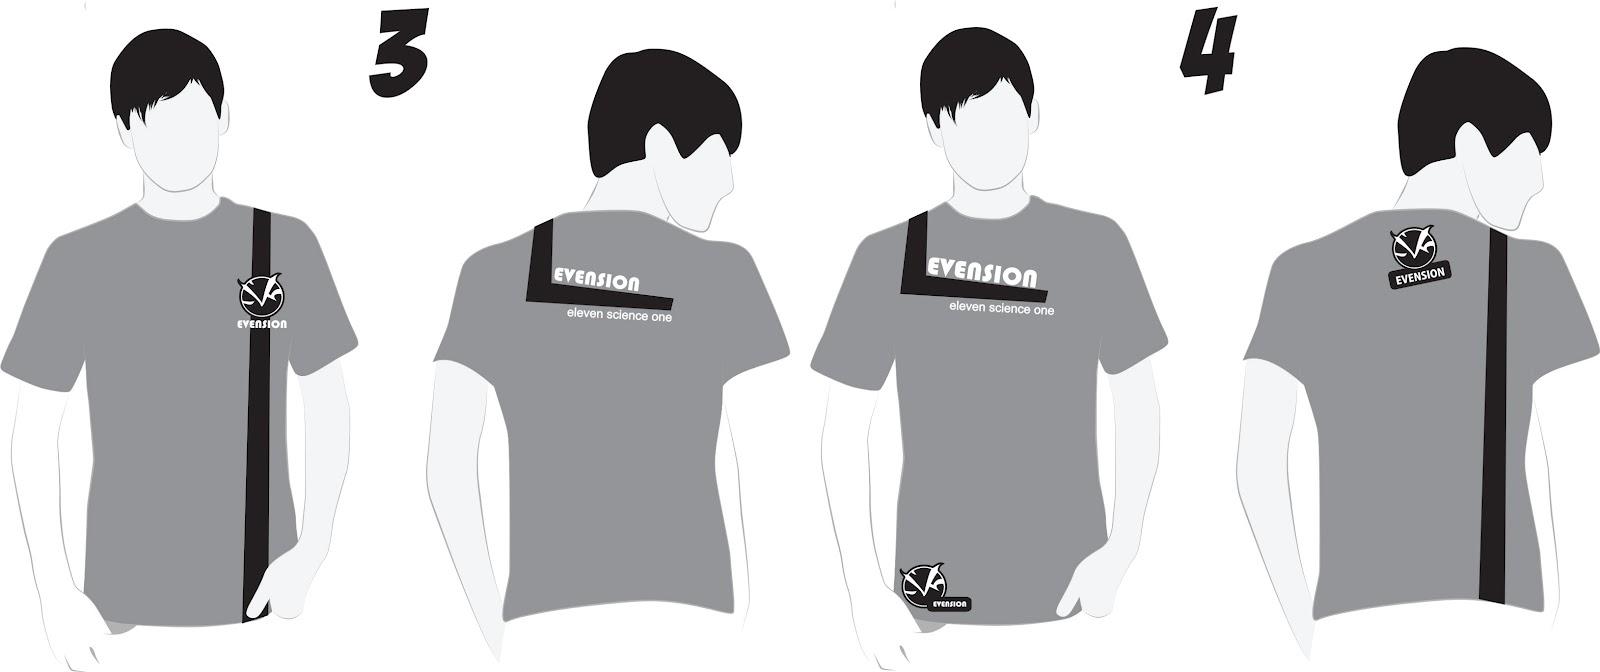 Contoh desain t shirt kelas - Dan Ternyata Desain Yang Terpilih Adalah Yang Ini